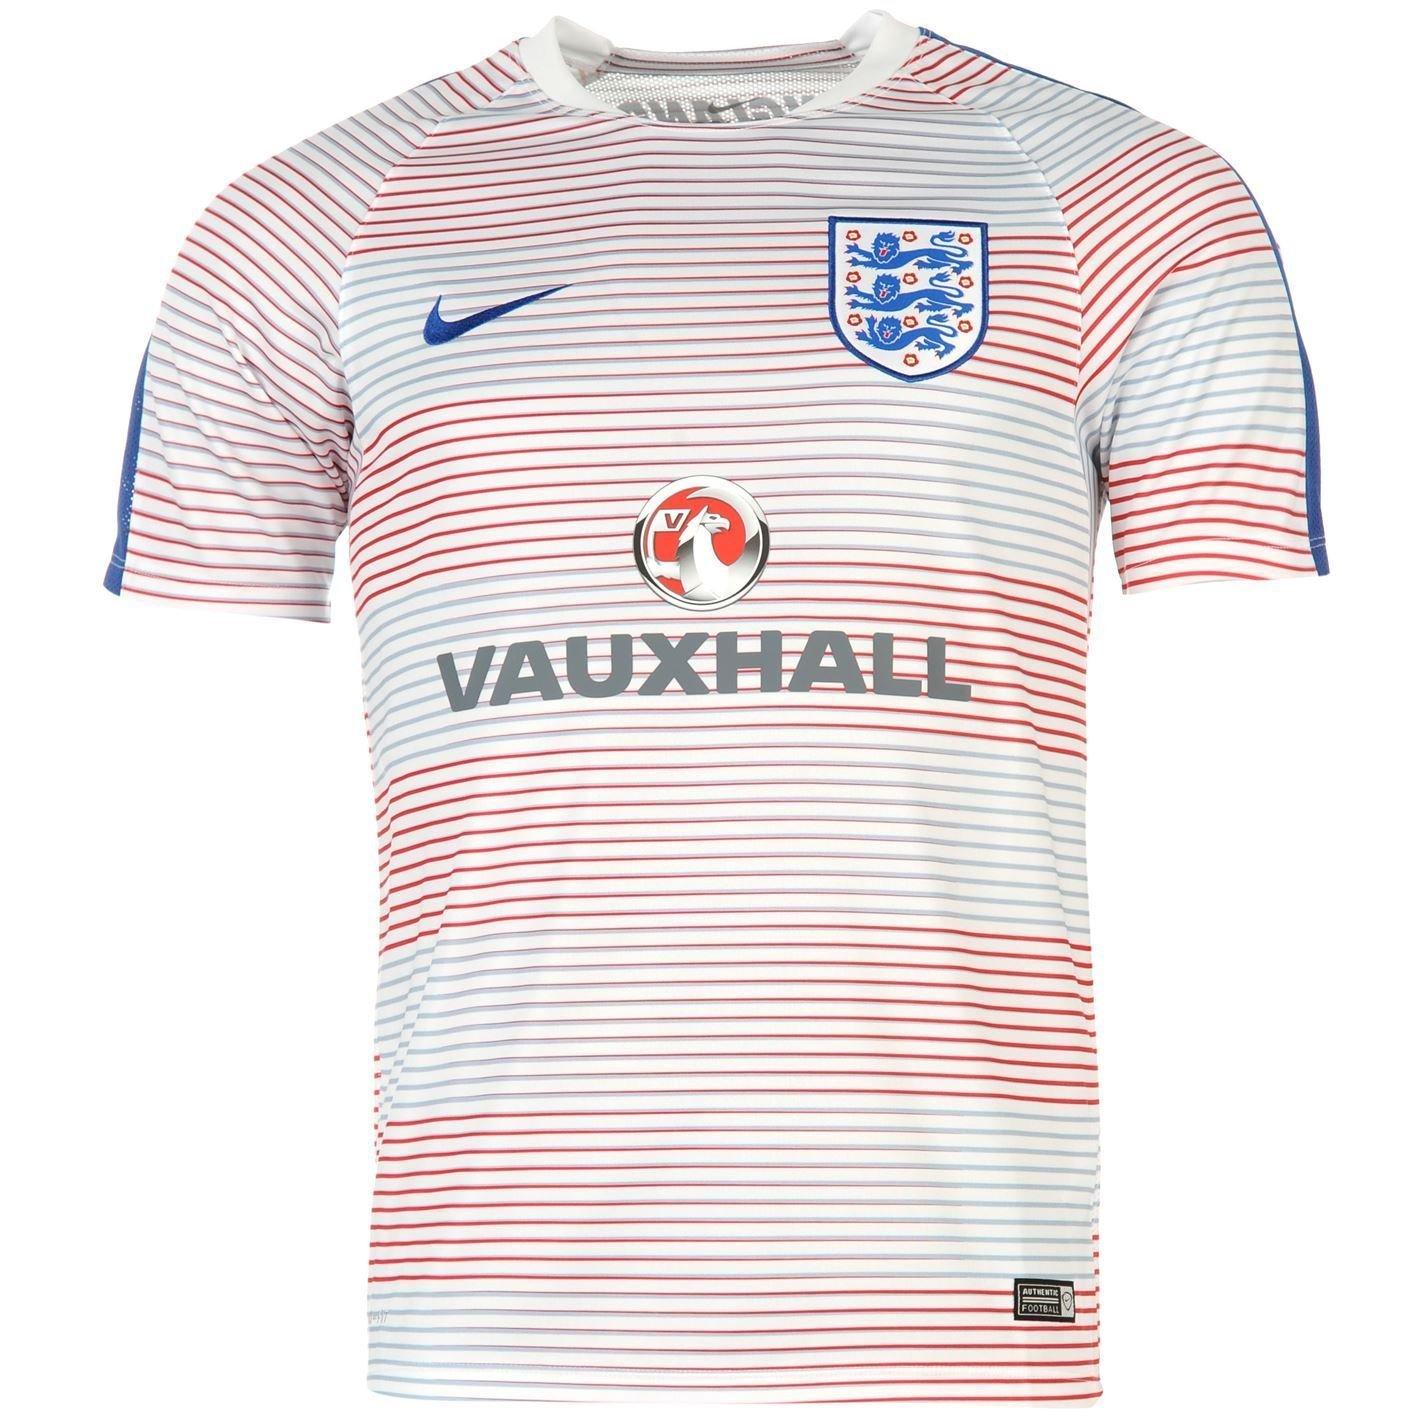 Camiseta de precalentamiento de la selección inglesa de fútbol para hombre, color blanco y azul, Medium: Amazon.es: Deportes y aire libre